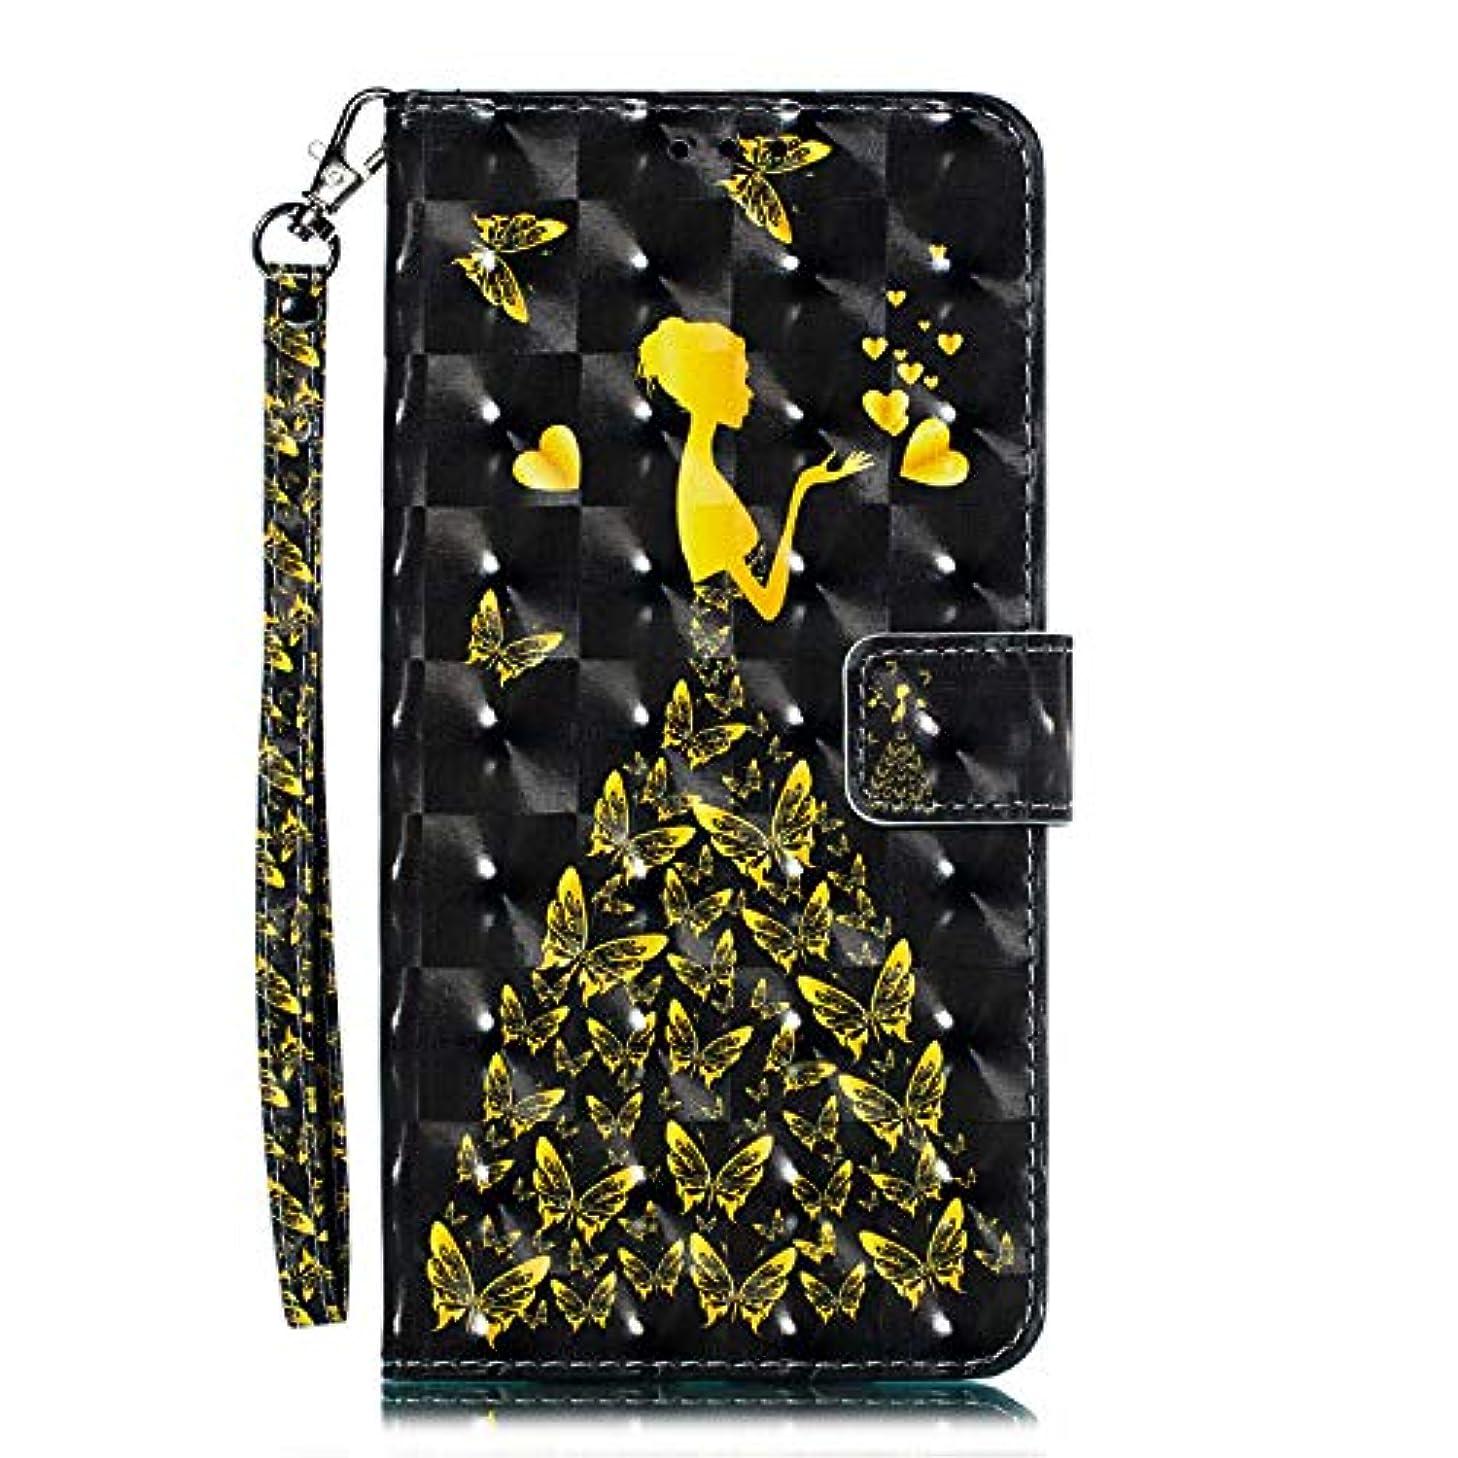 オーチャード極端なコンテンツOMATENTI Galaxy M30 ケース, トレンディでクール 人気 新製品 薄型 PU レザー 財布型 ケース, 3Dカラーパターン おしゃれ 手帳カバー き スタンド機能 マグネット開閉式 カード収納付 Galaxy M30 用 Case Cover, 蝶の少女